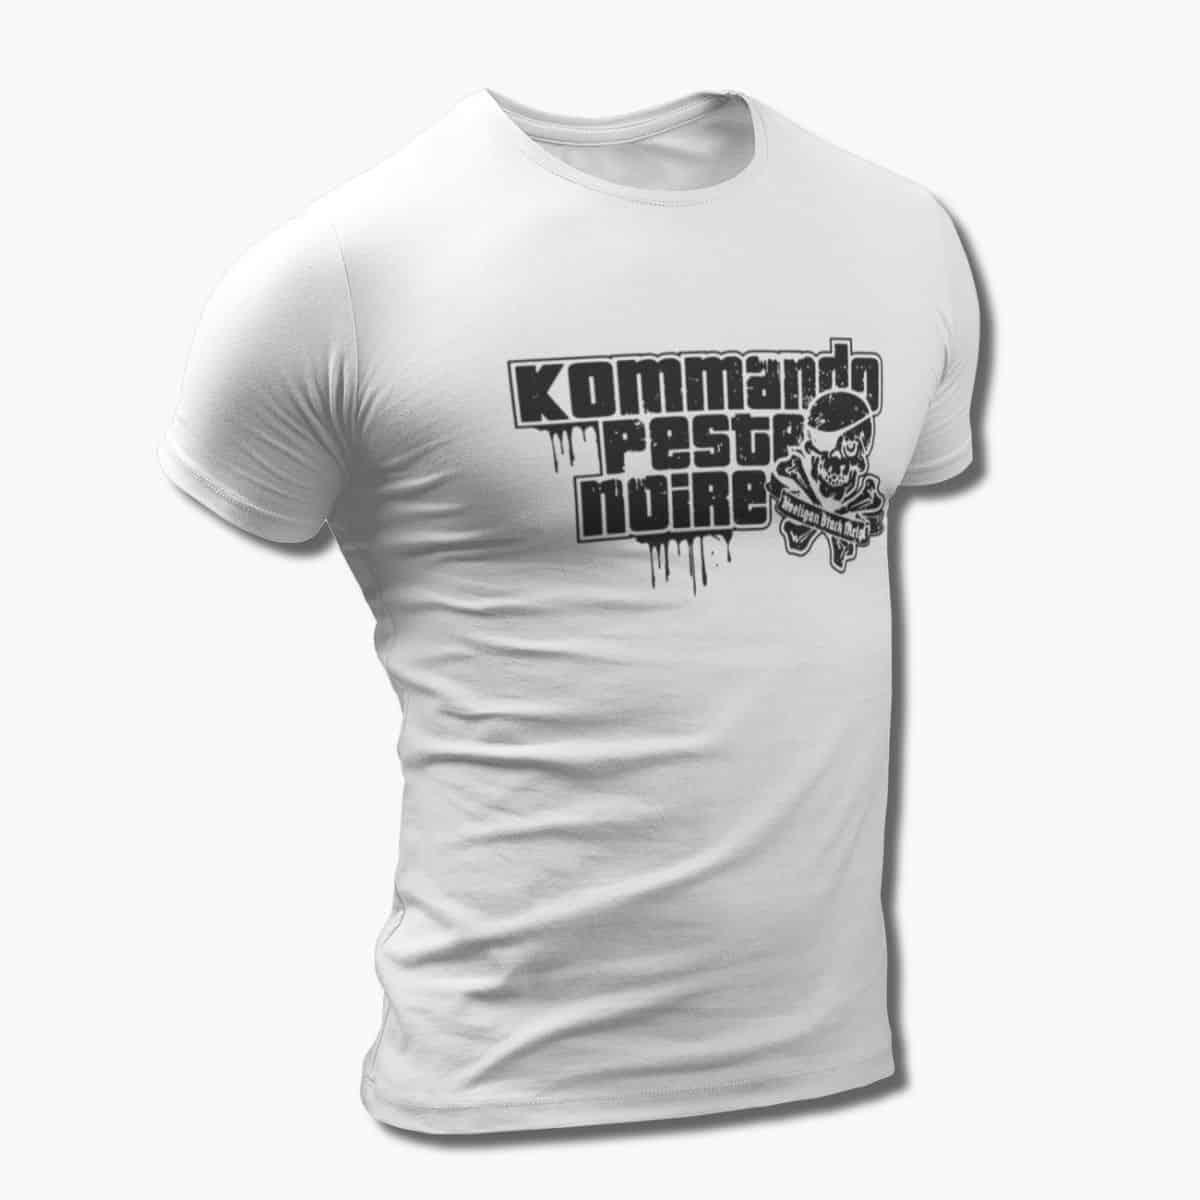 Kommando peste noire shirt